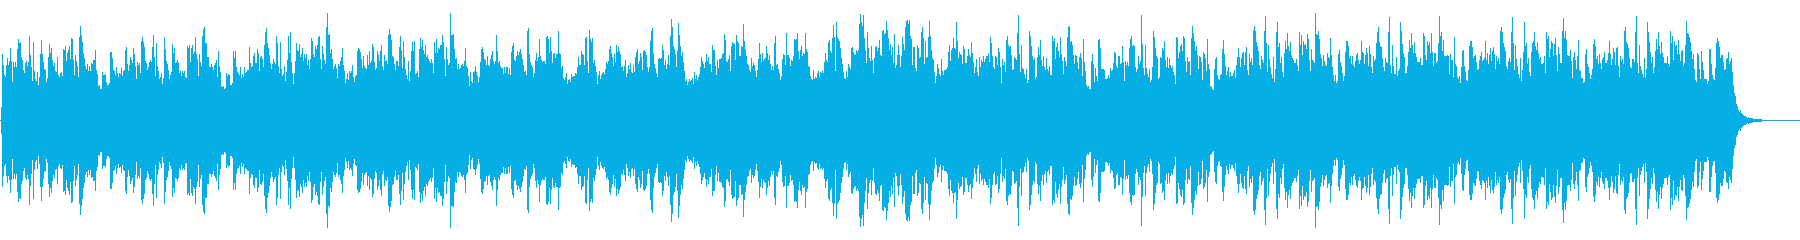 コーラスの入った爽やかでシンプルな曲の再生済みの波形